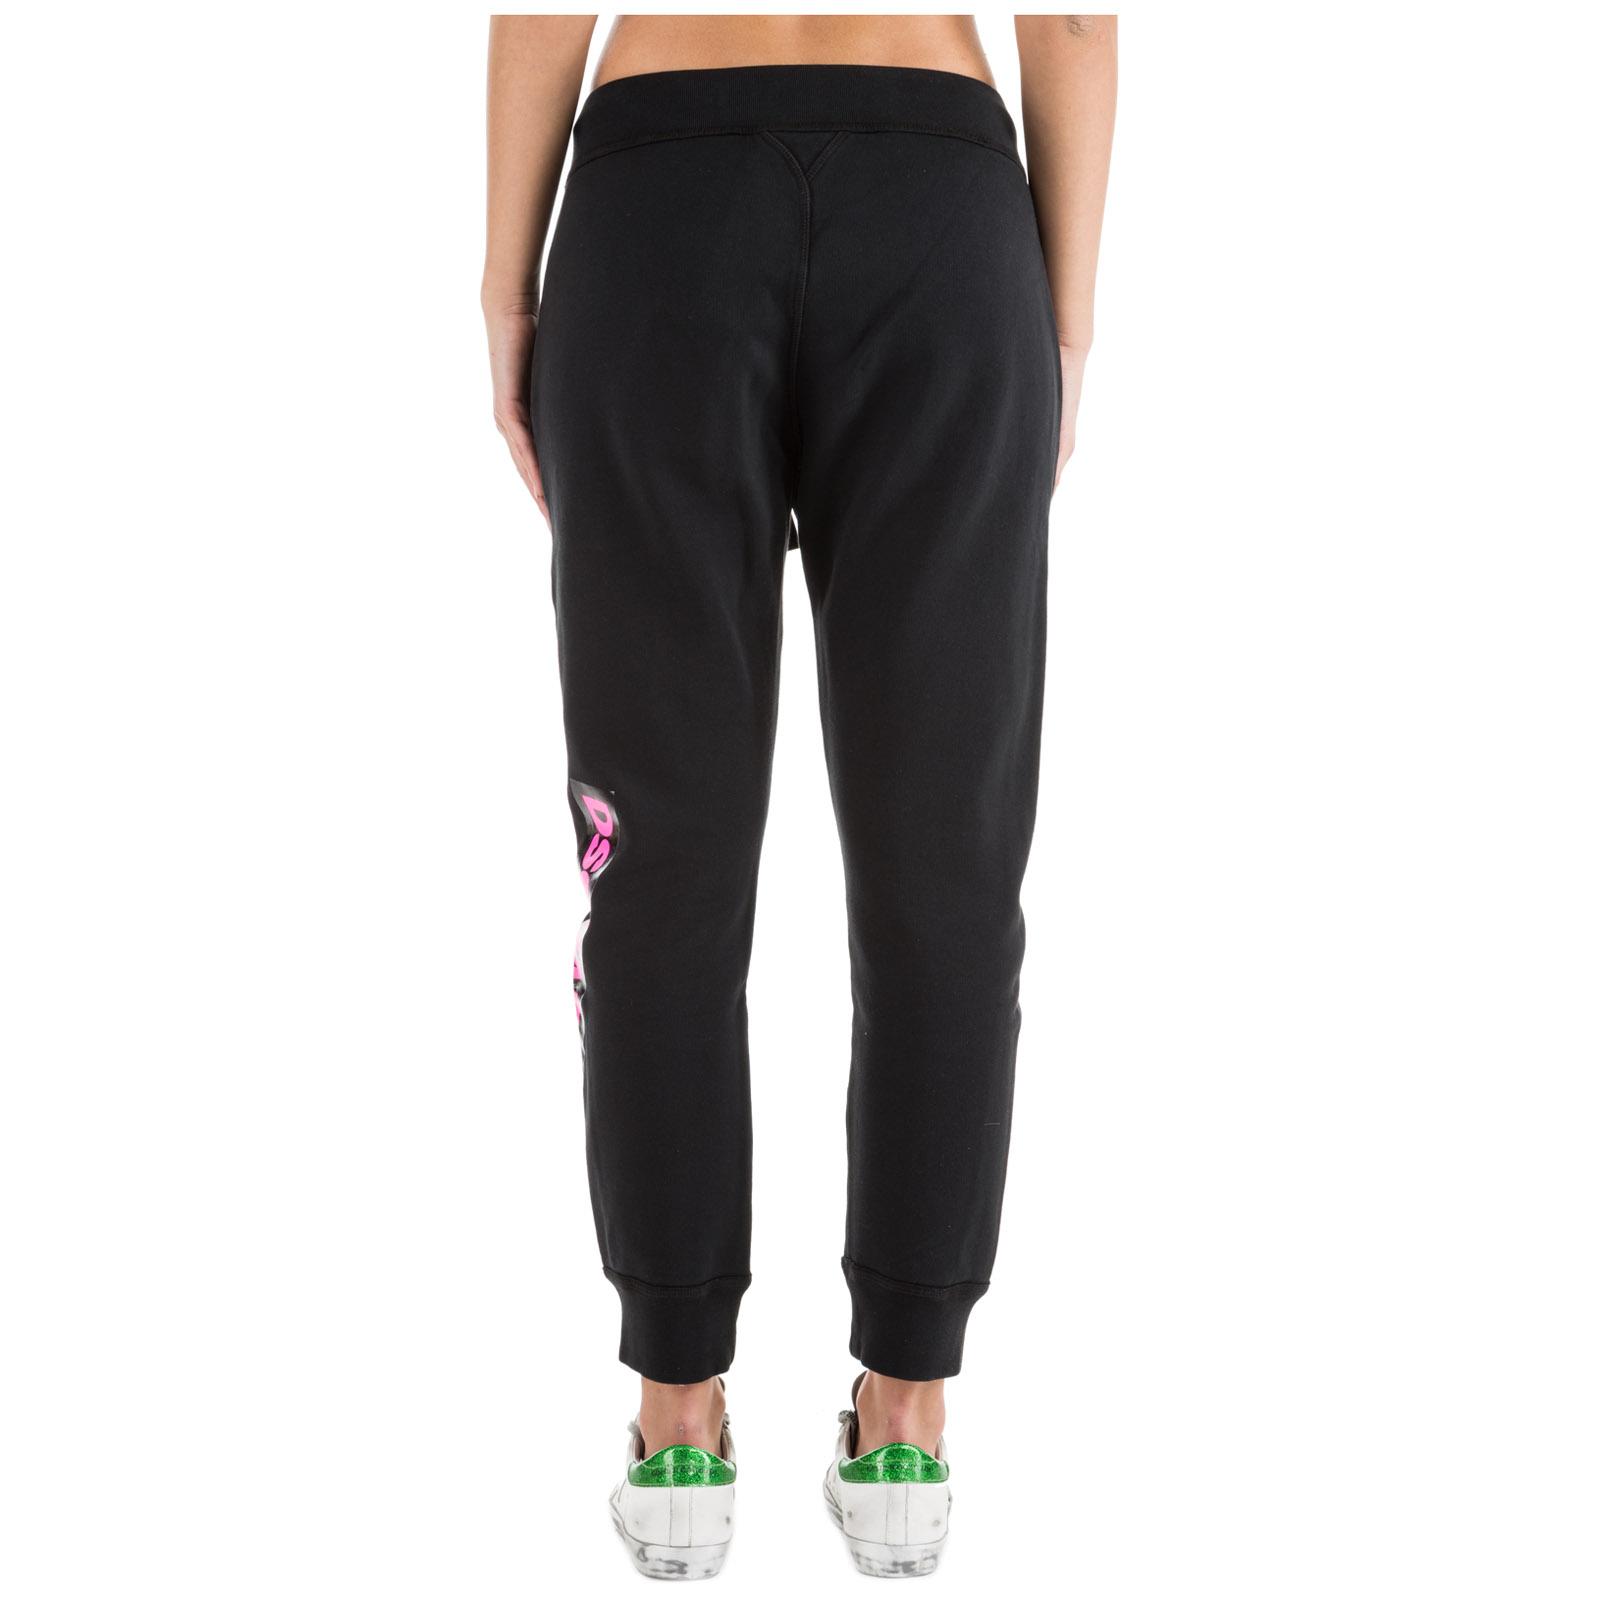 Women's sport tracksuit trousers